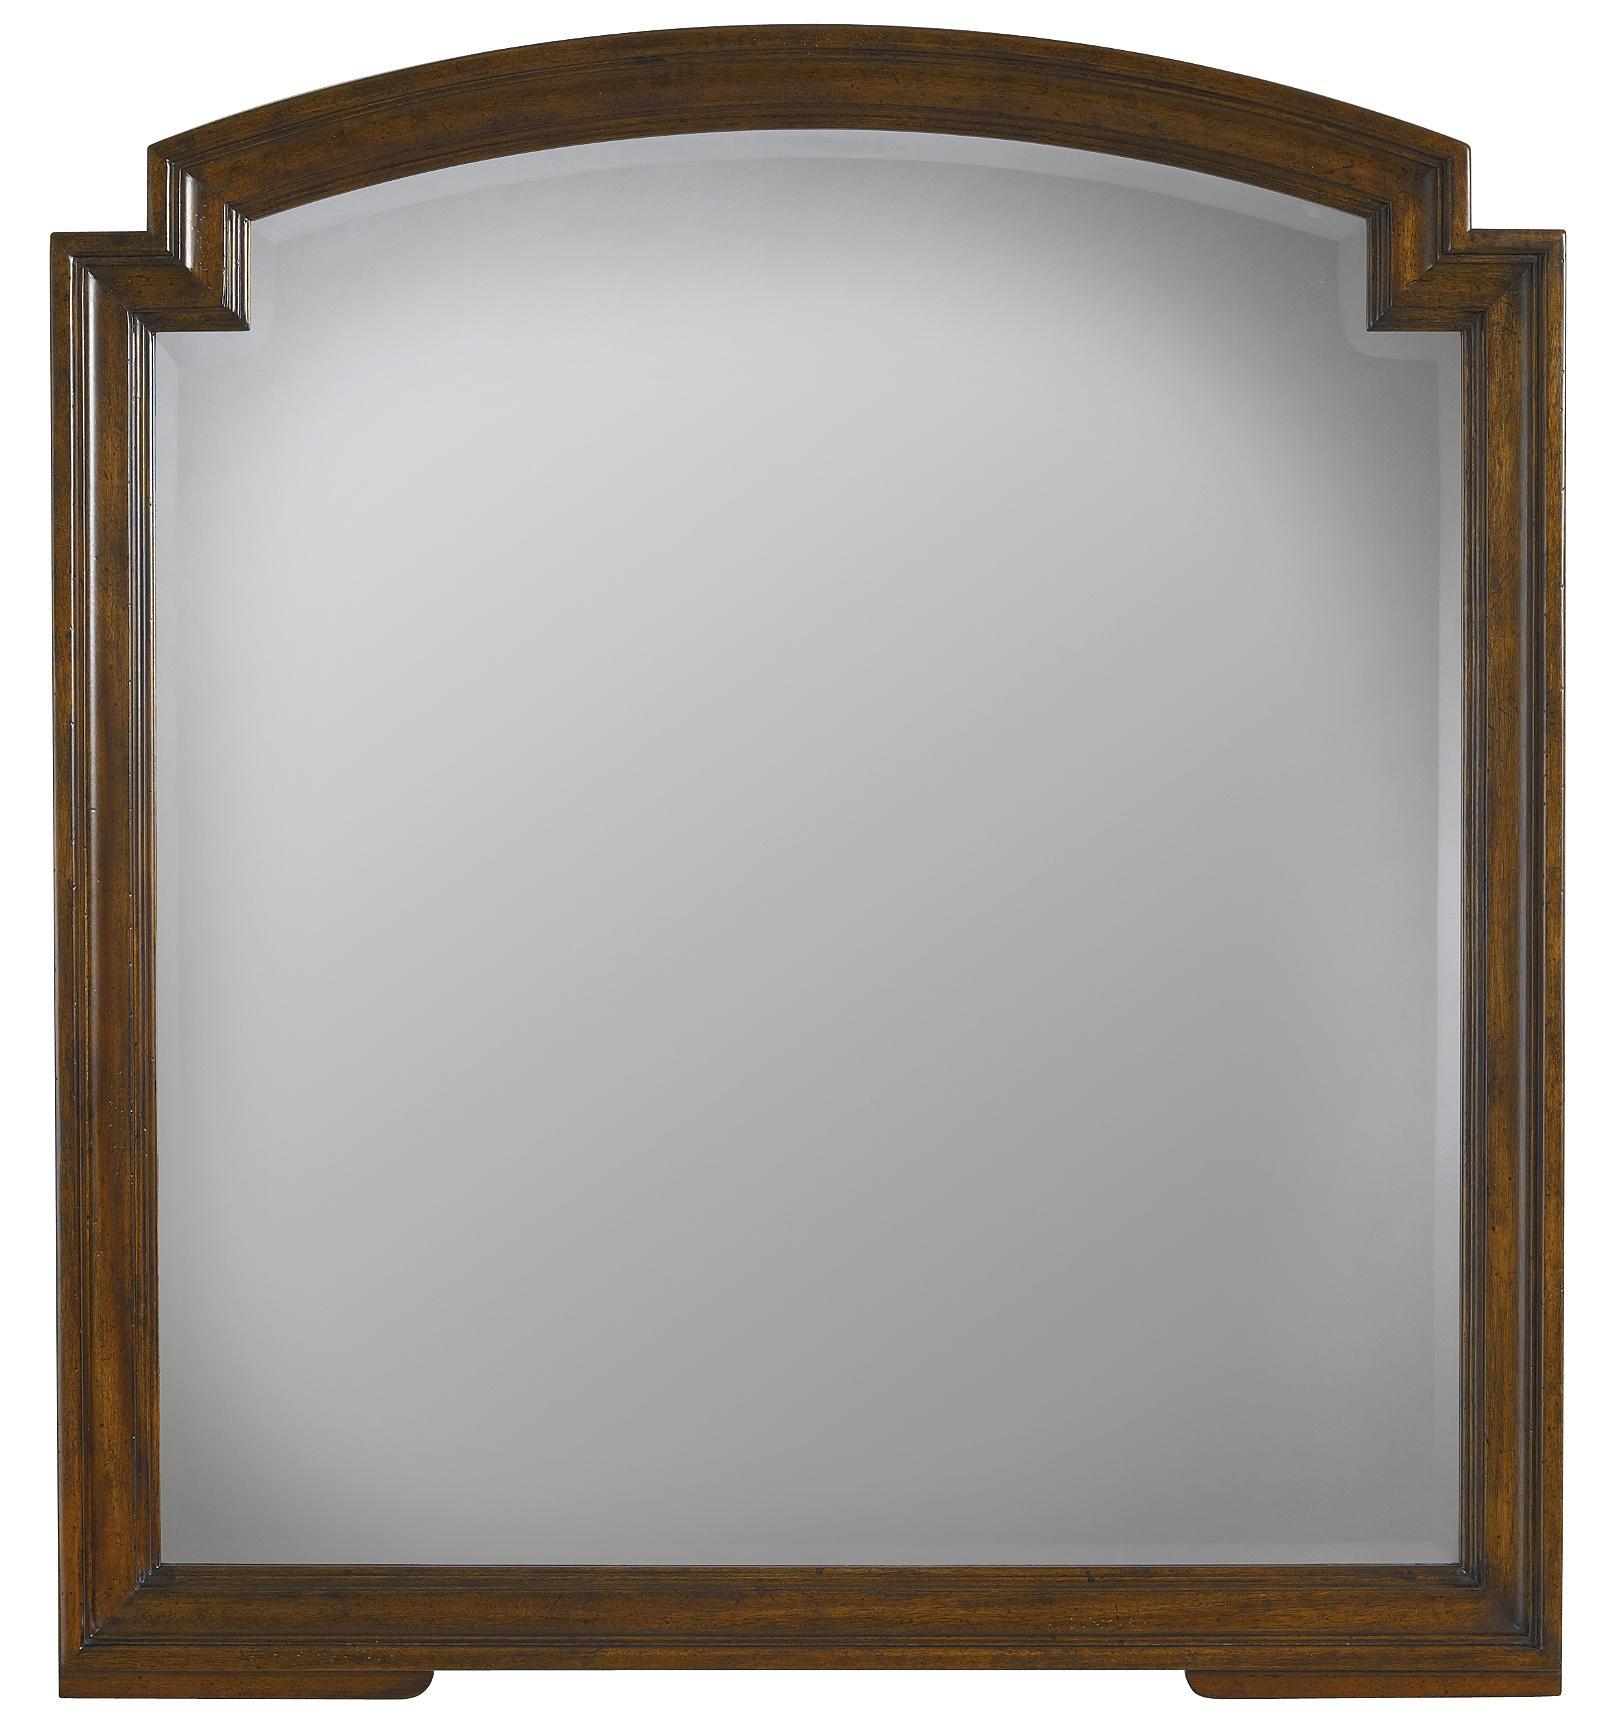 Stanley Furniture The Classic Portfolio - Vintage Mirror - Item Number: 264-13-31